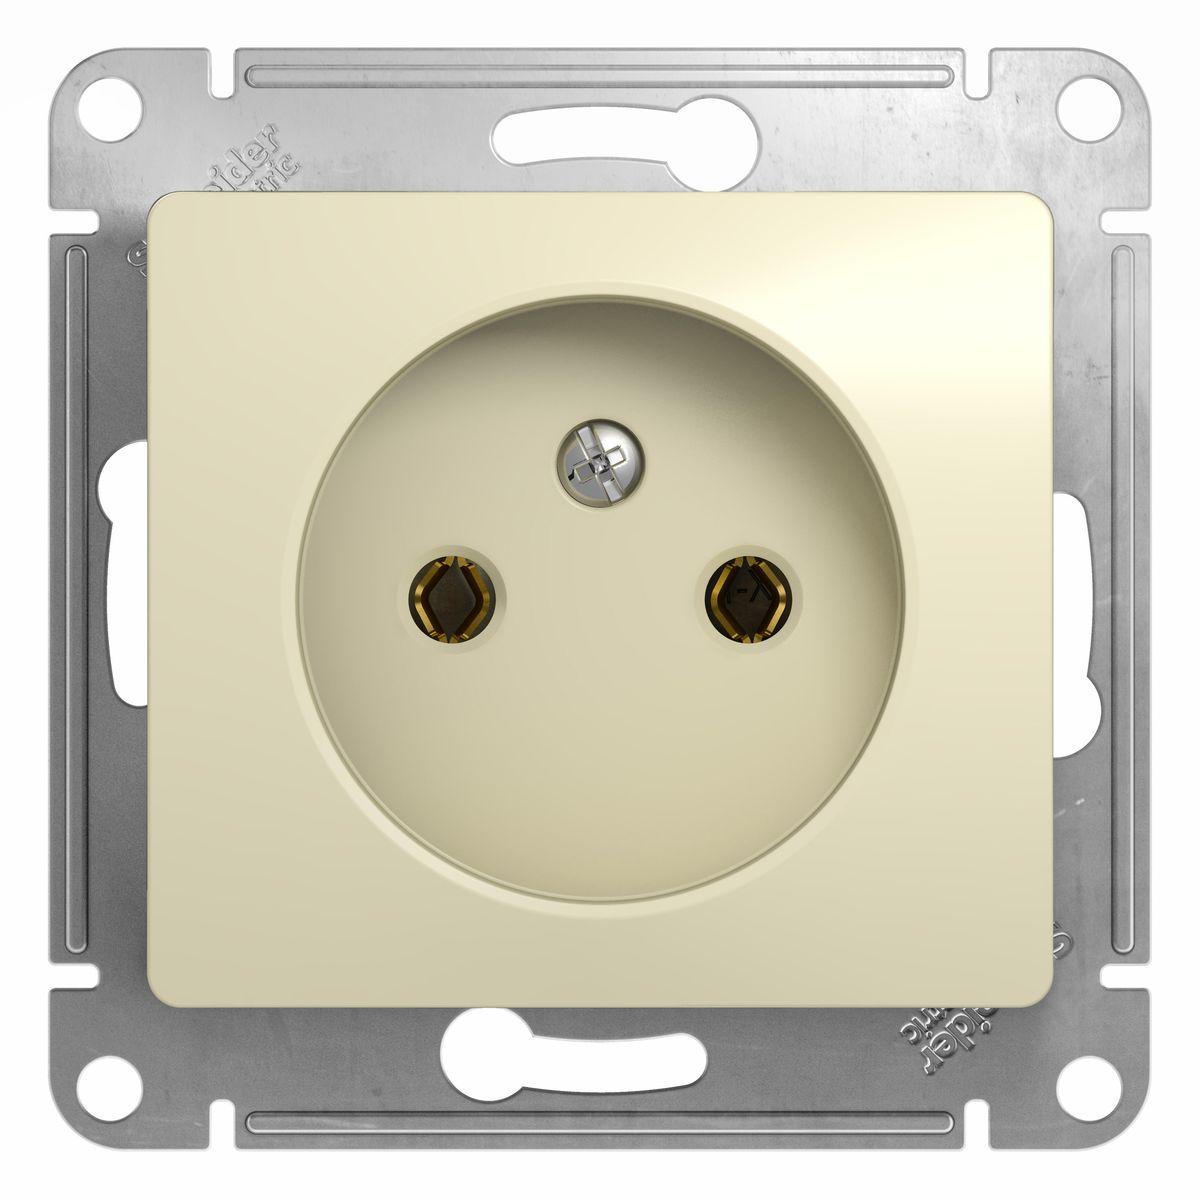 Розетка одинарная Schneider Electric Glossa, цвет: бежевыйGSL000241Одинарная розетка Schneider Electric Glossa без заземляющего контакта, скрытой установки, без шторок, имеет винтовые клеммы. Легкая установка. Тип розетки С (евророзетка).